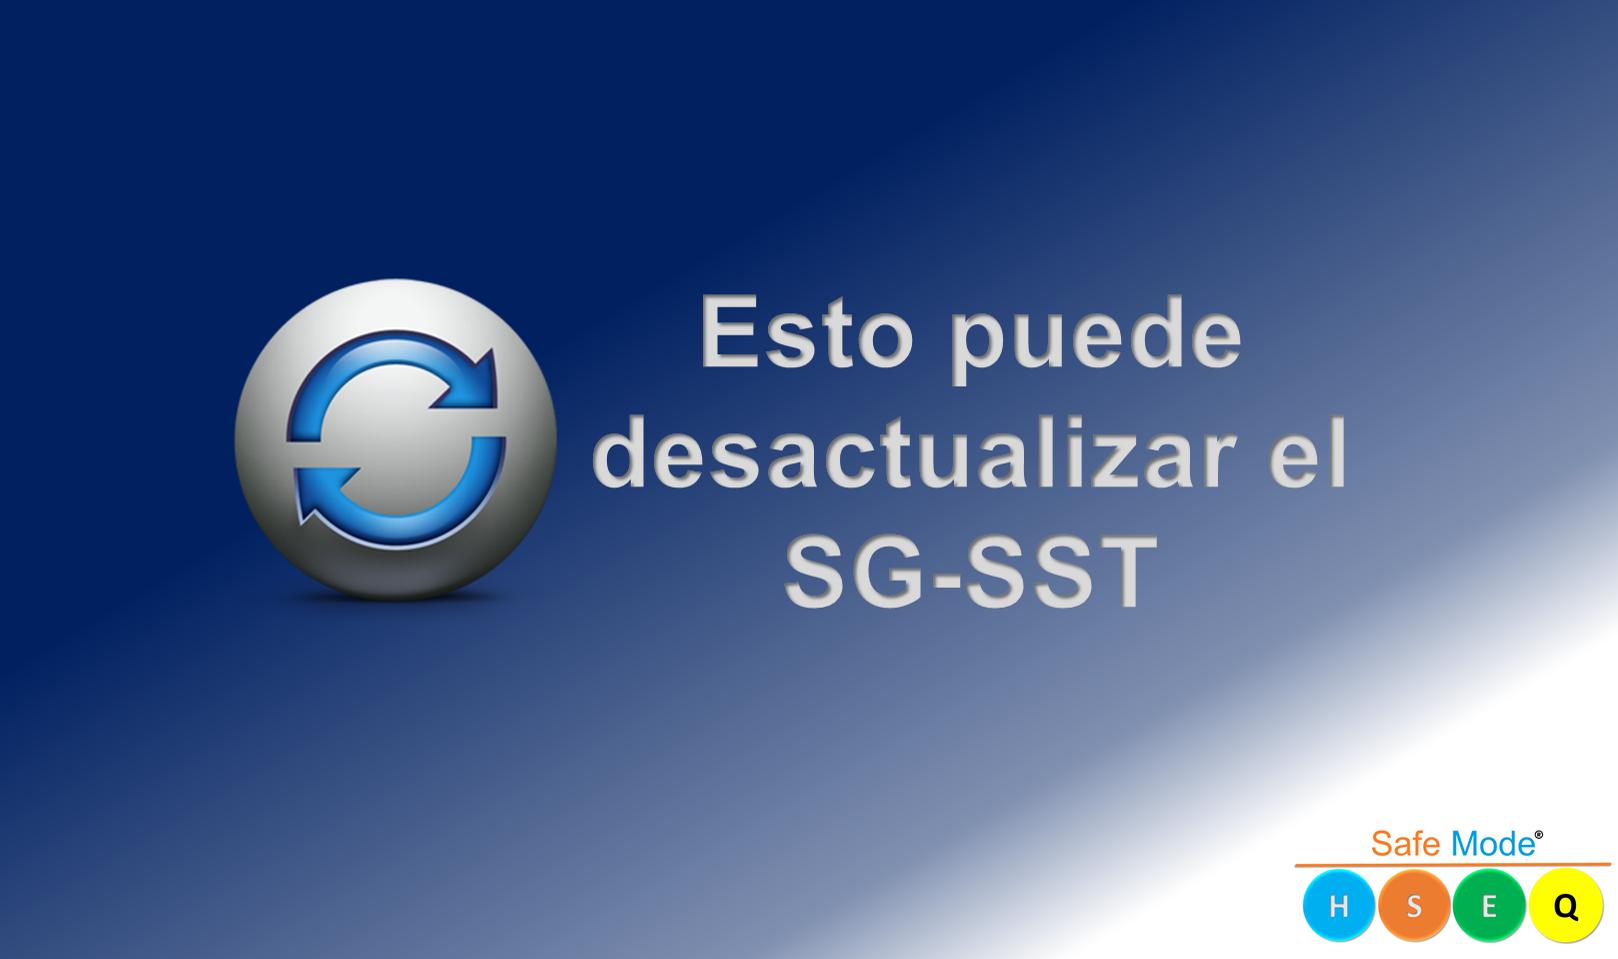 Esto puede desactualizar el SG-SST